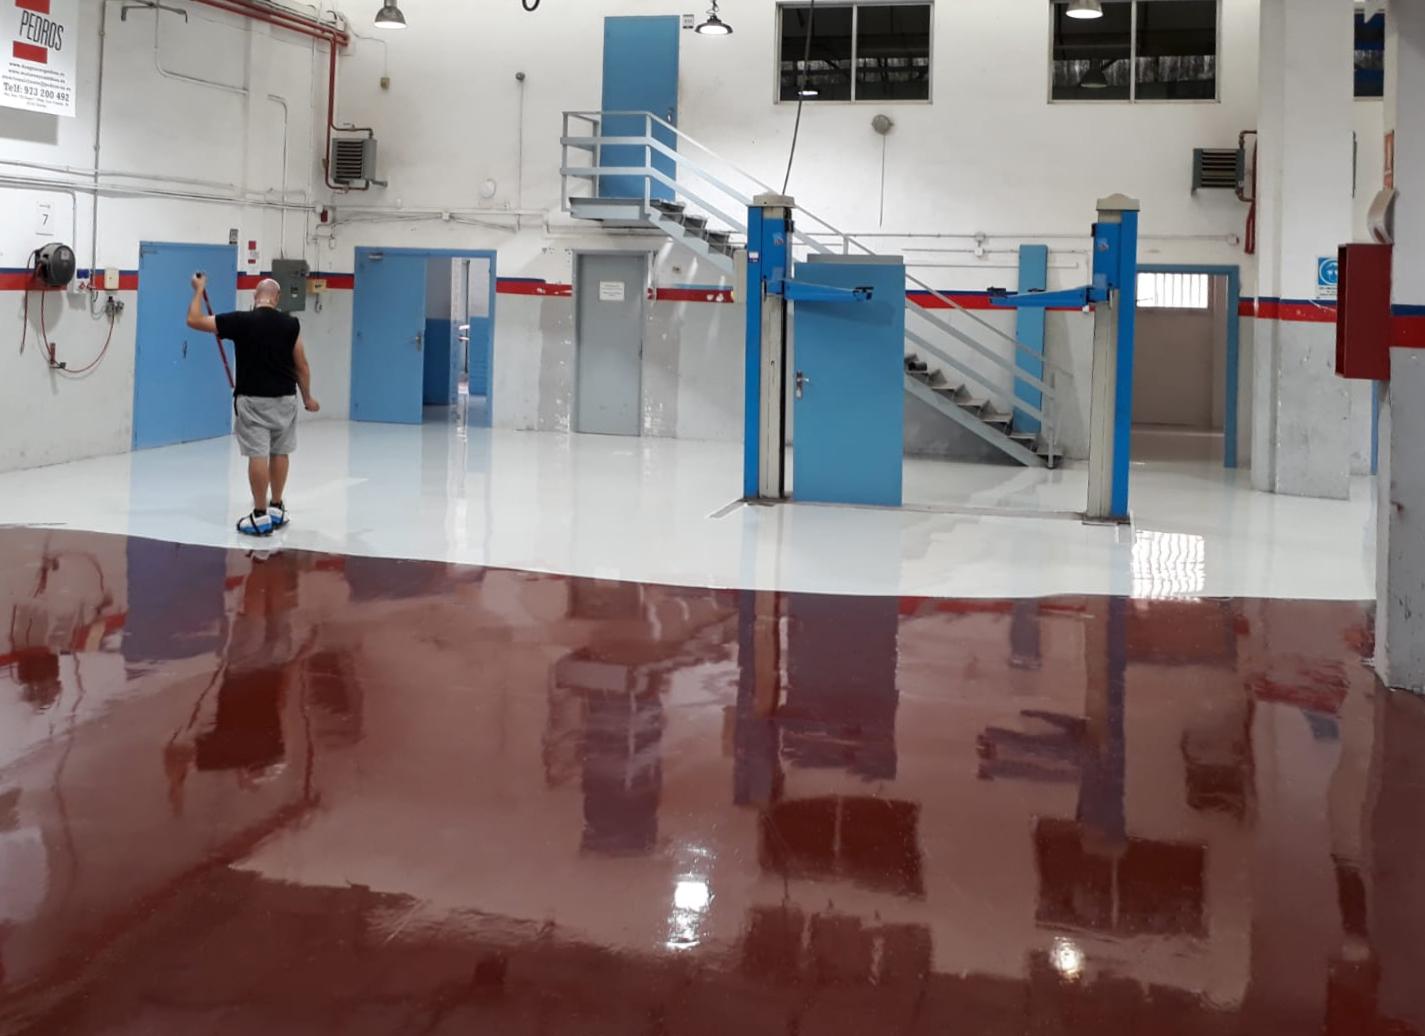 ESCUELA INSTITUTO CAPARRELLA – Renovación pavimentos taller